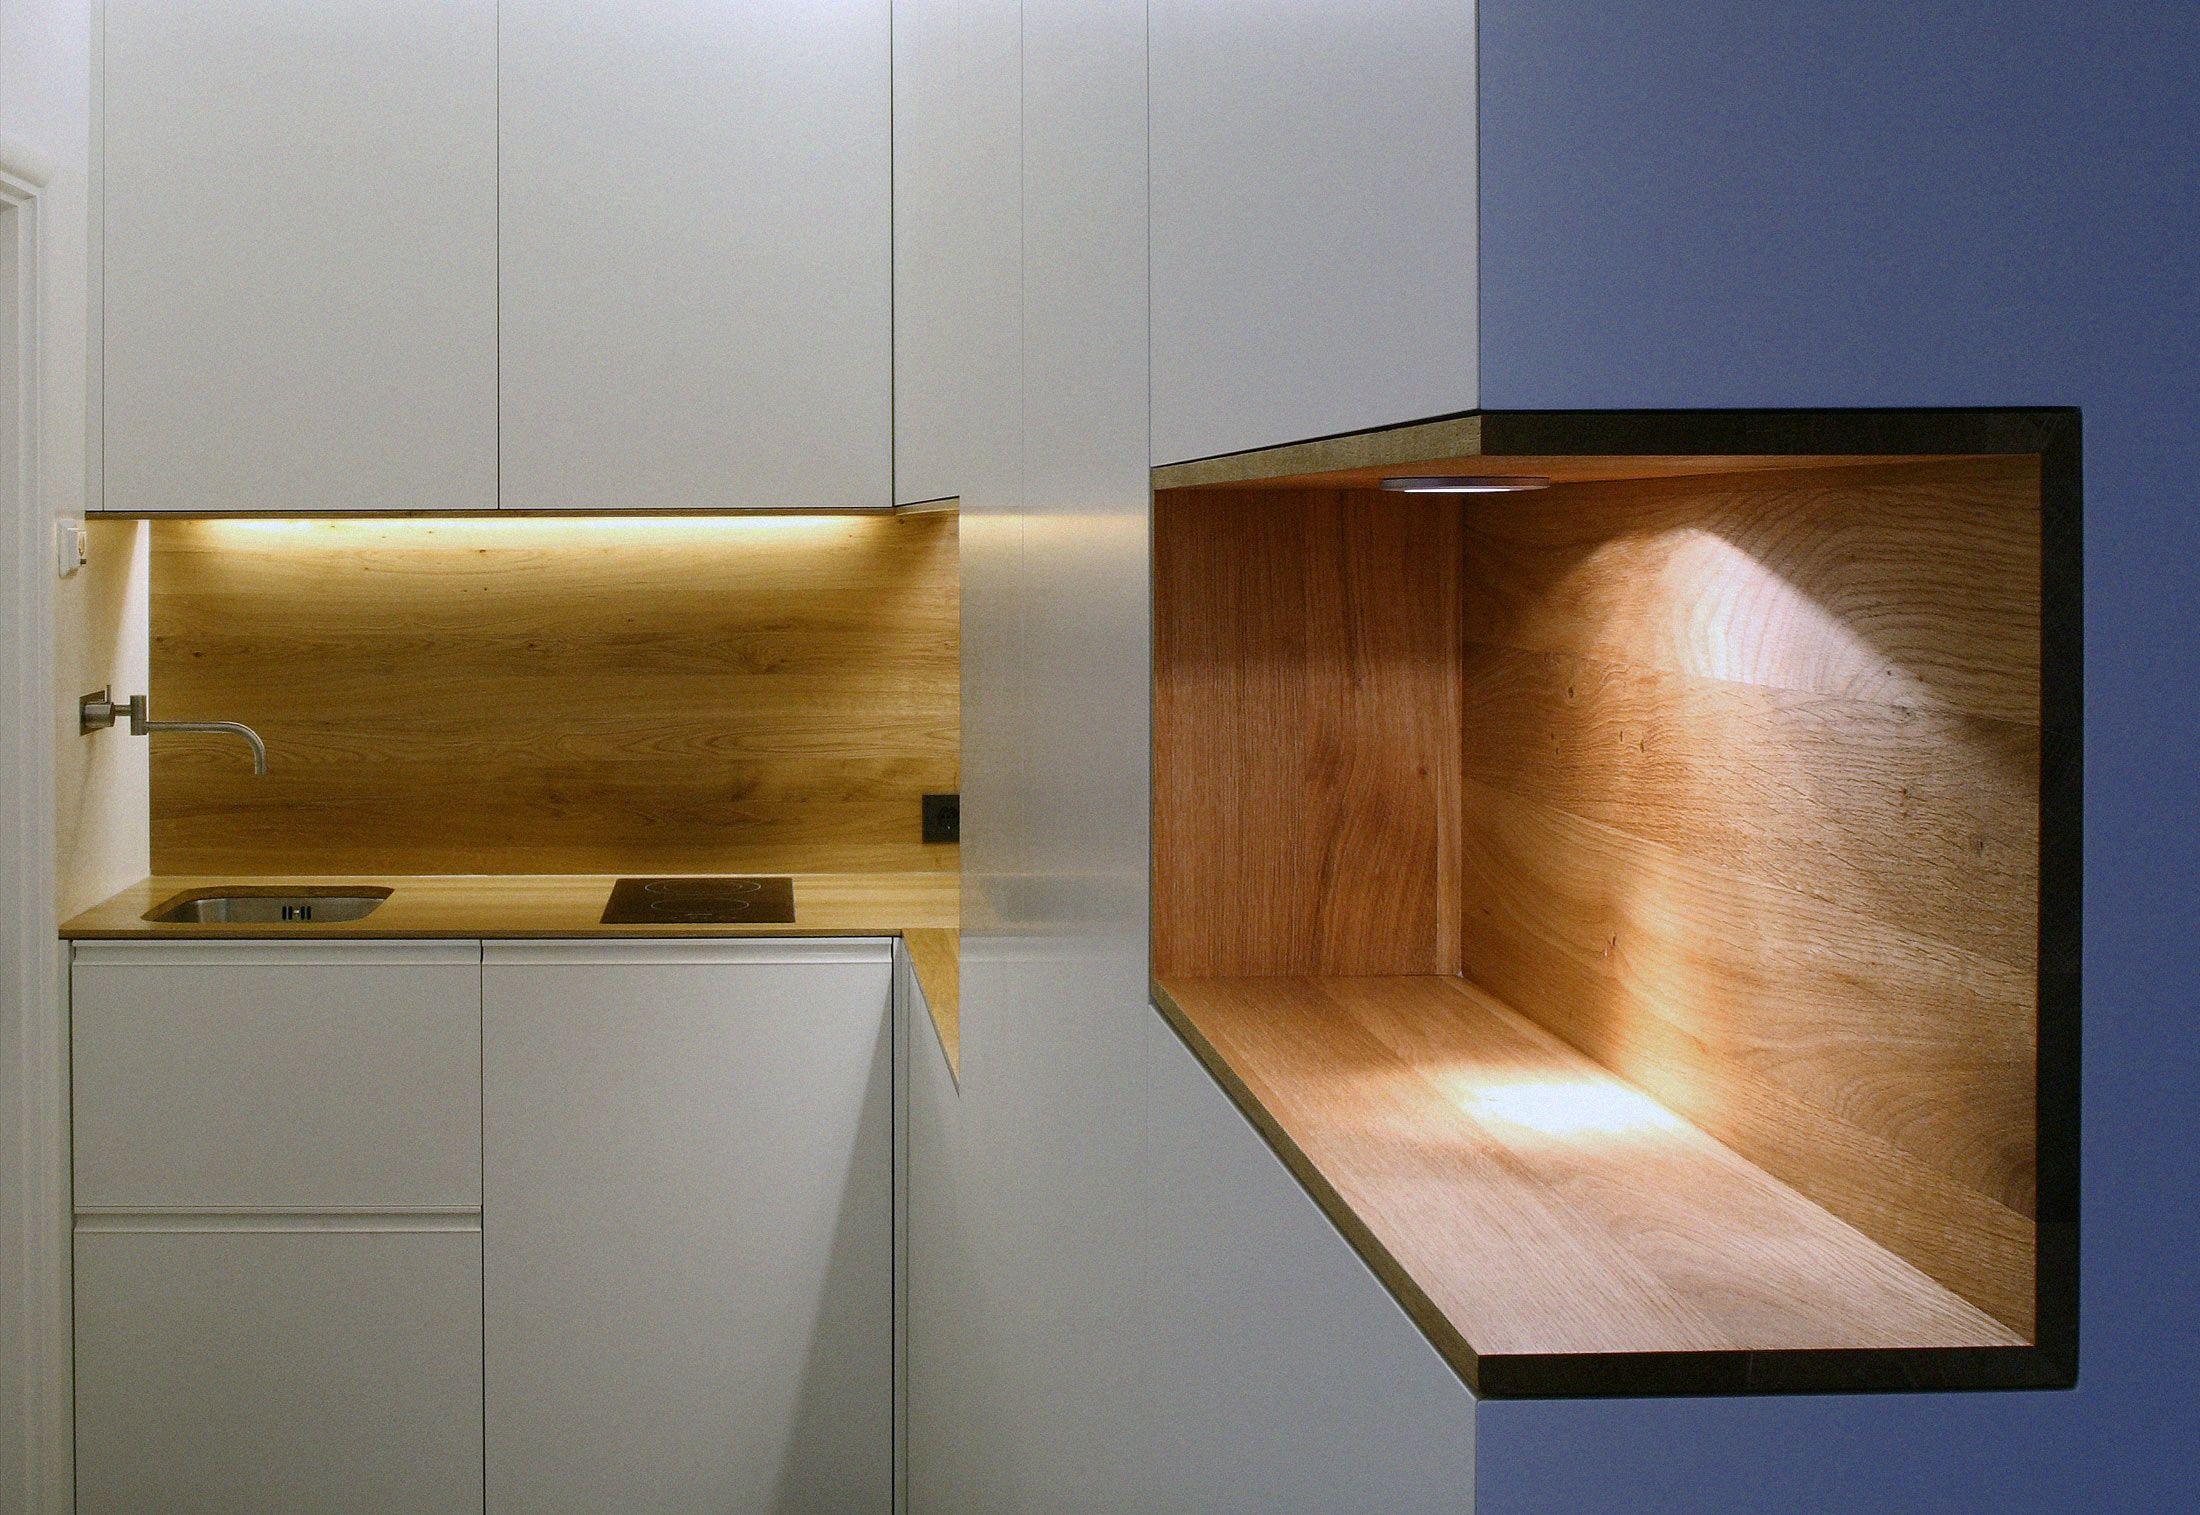 Nice kitchen cabinet detail!